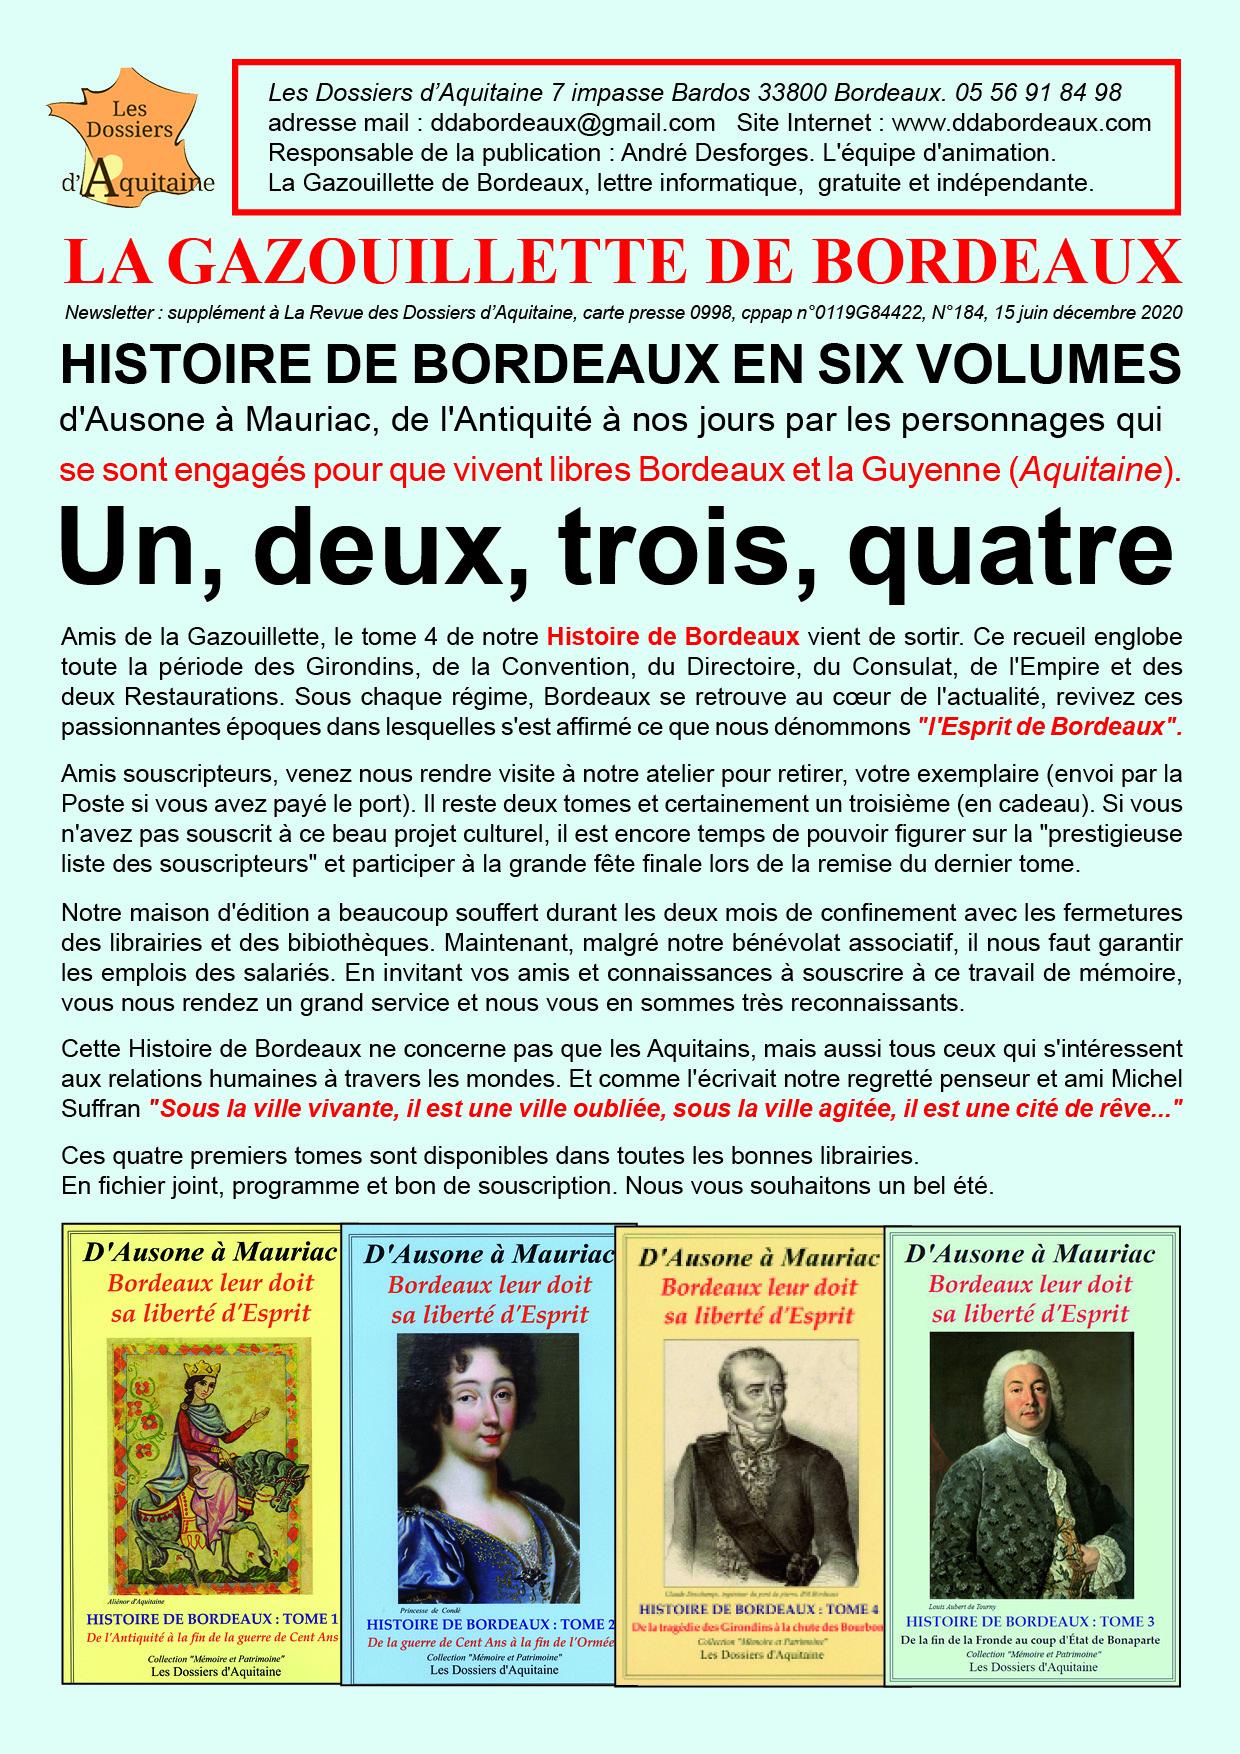 Un, deux, trois, quatre, Histoire de Bordeaux en six volumes